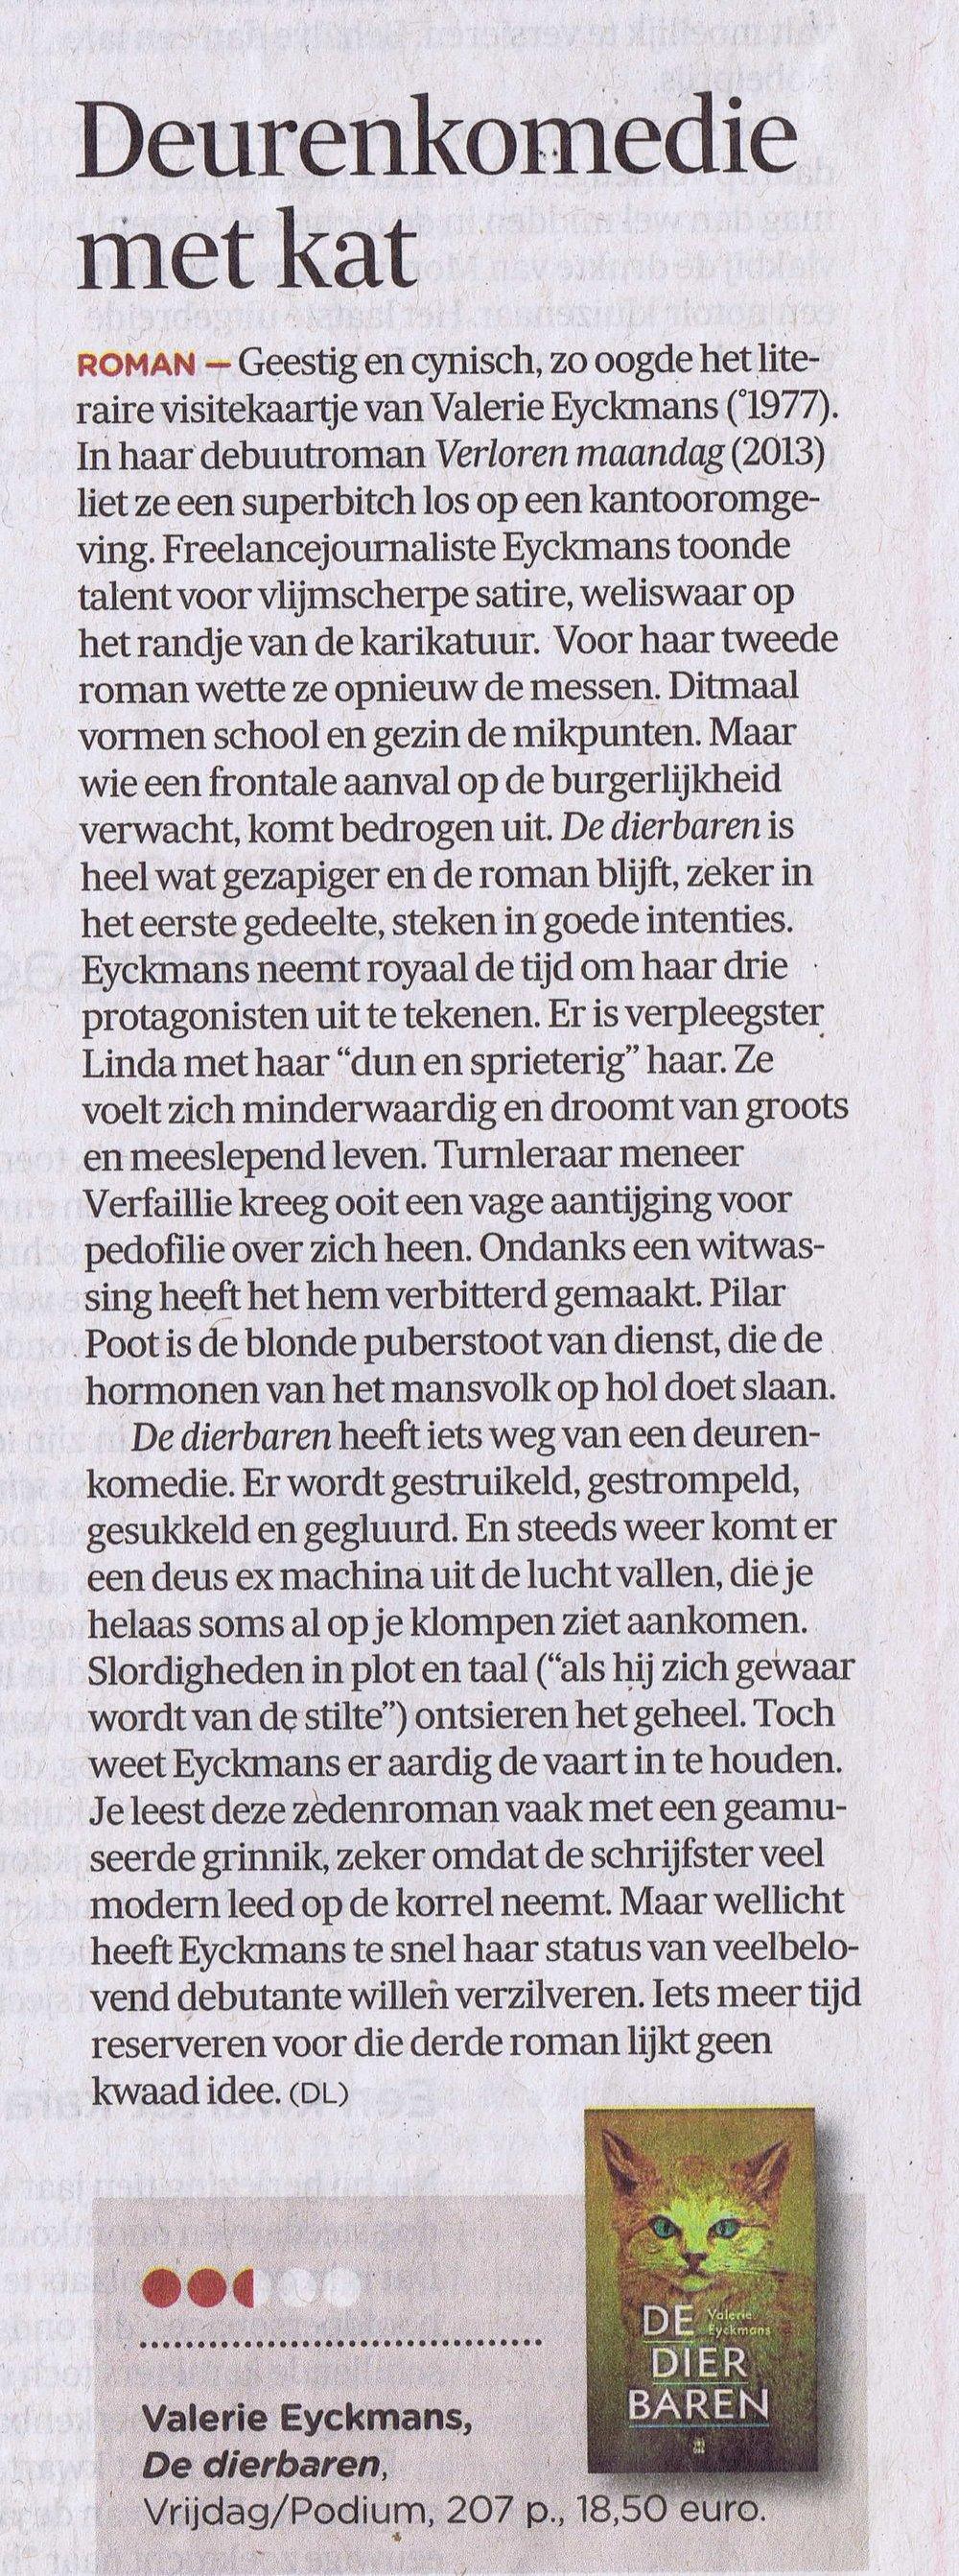 Eyckmans -  De dierbaren DM26032014.jpg